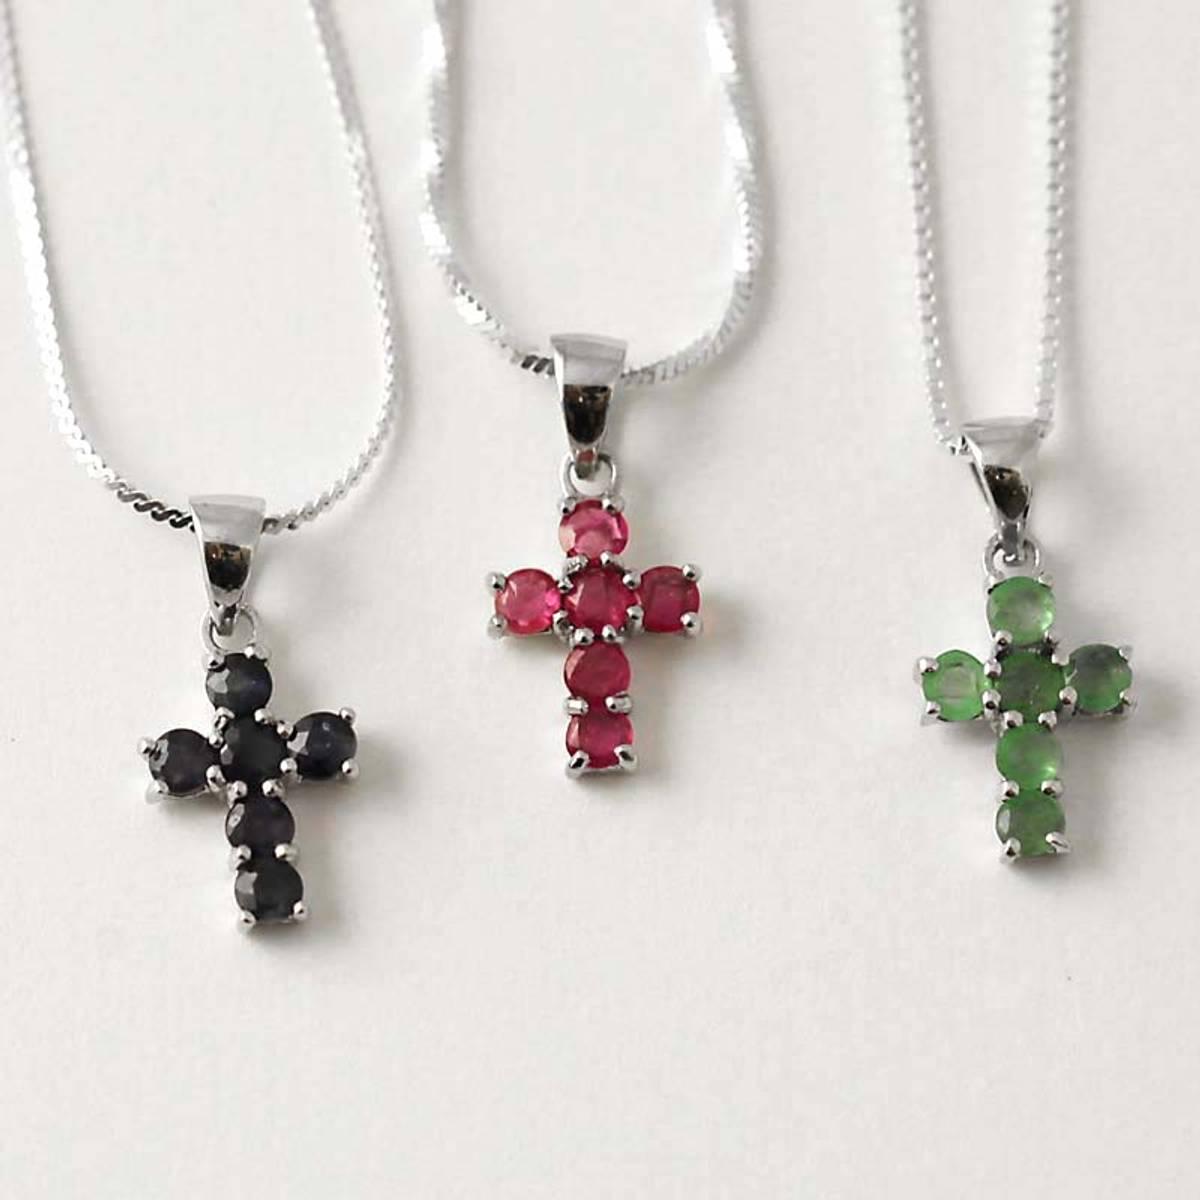 Lite kors - Rubiner - Smaragder - Safirer